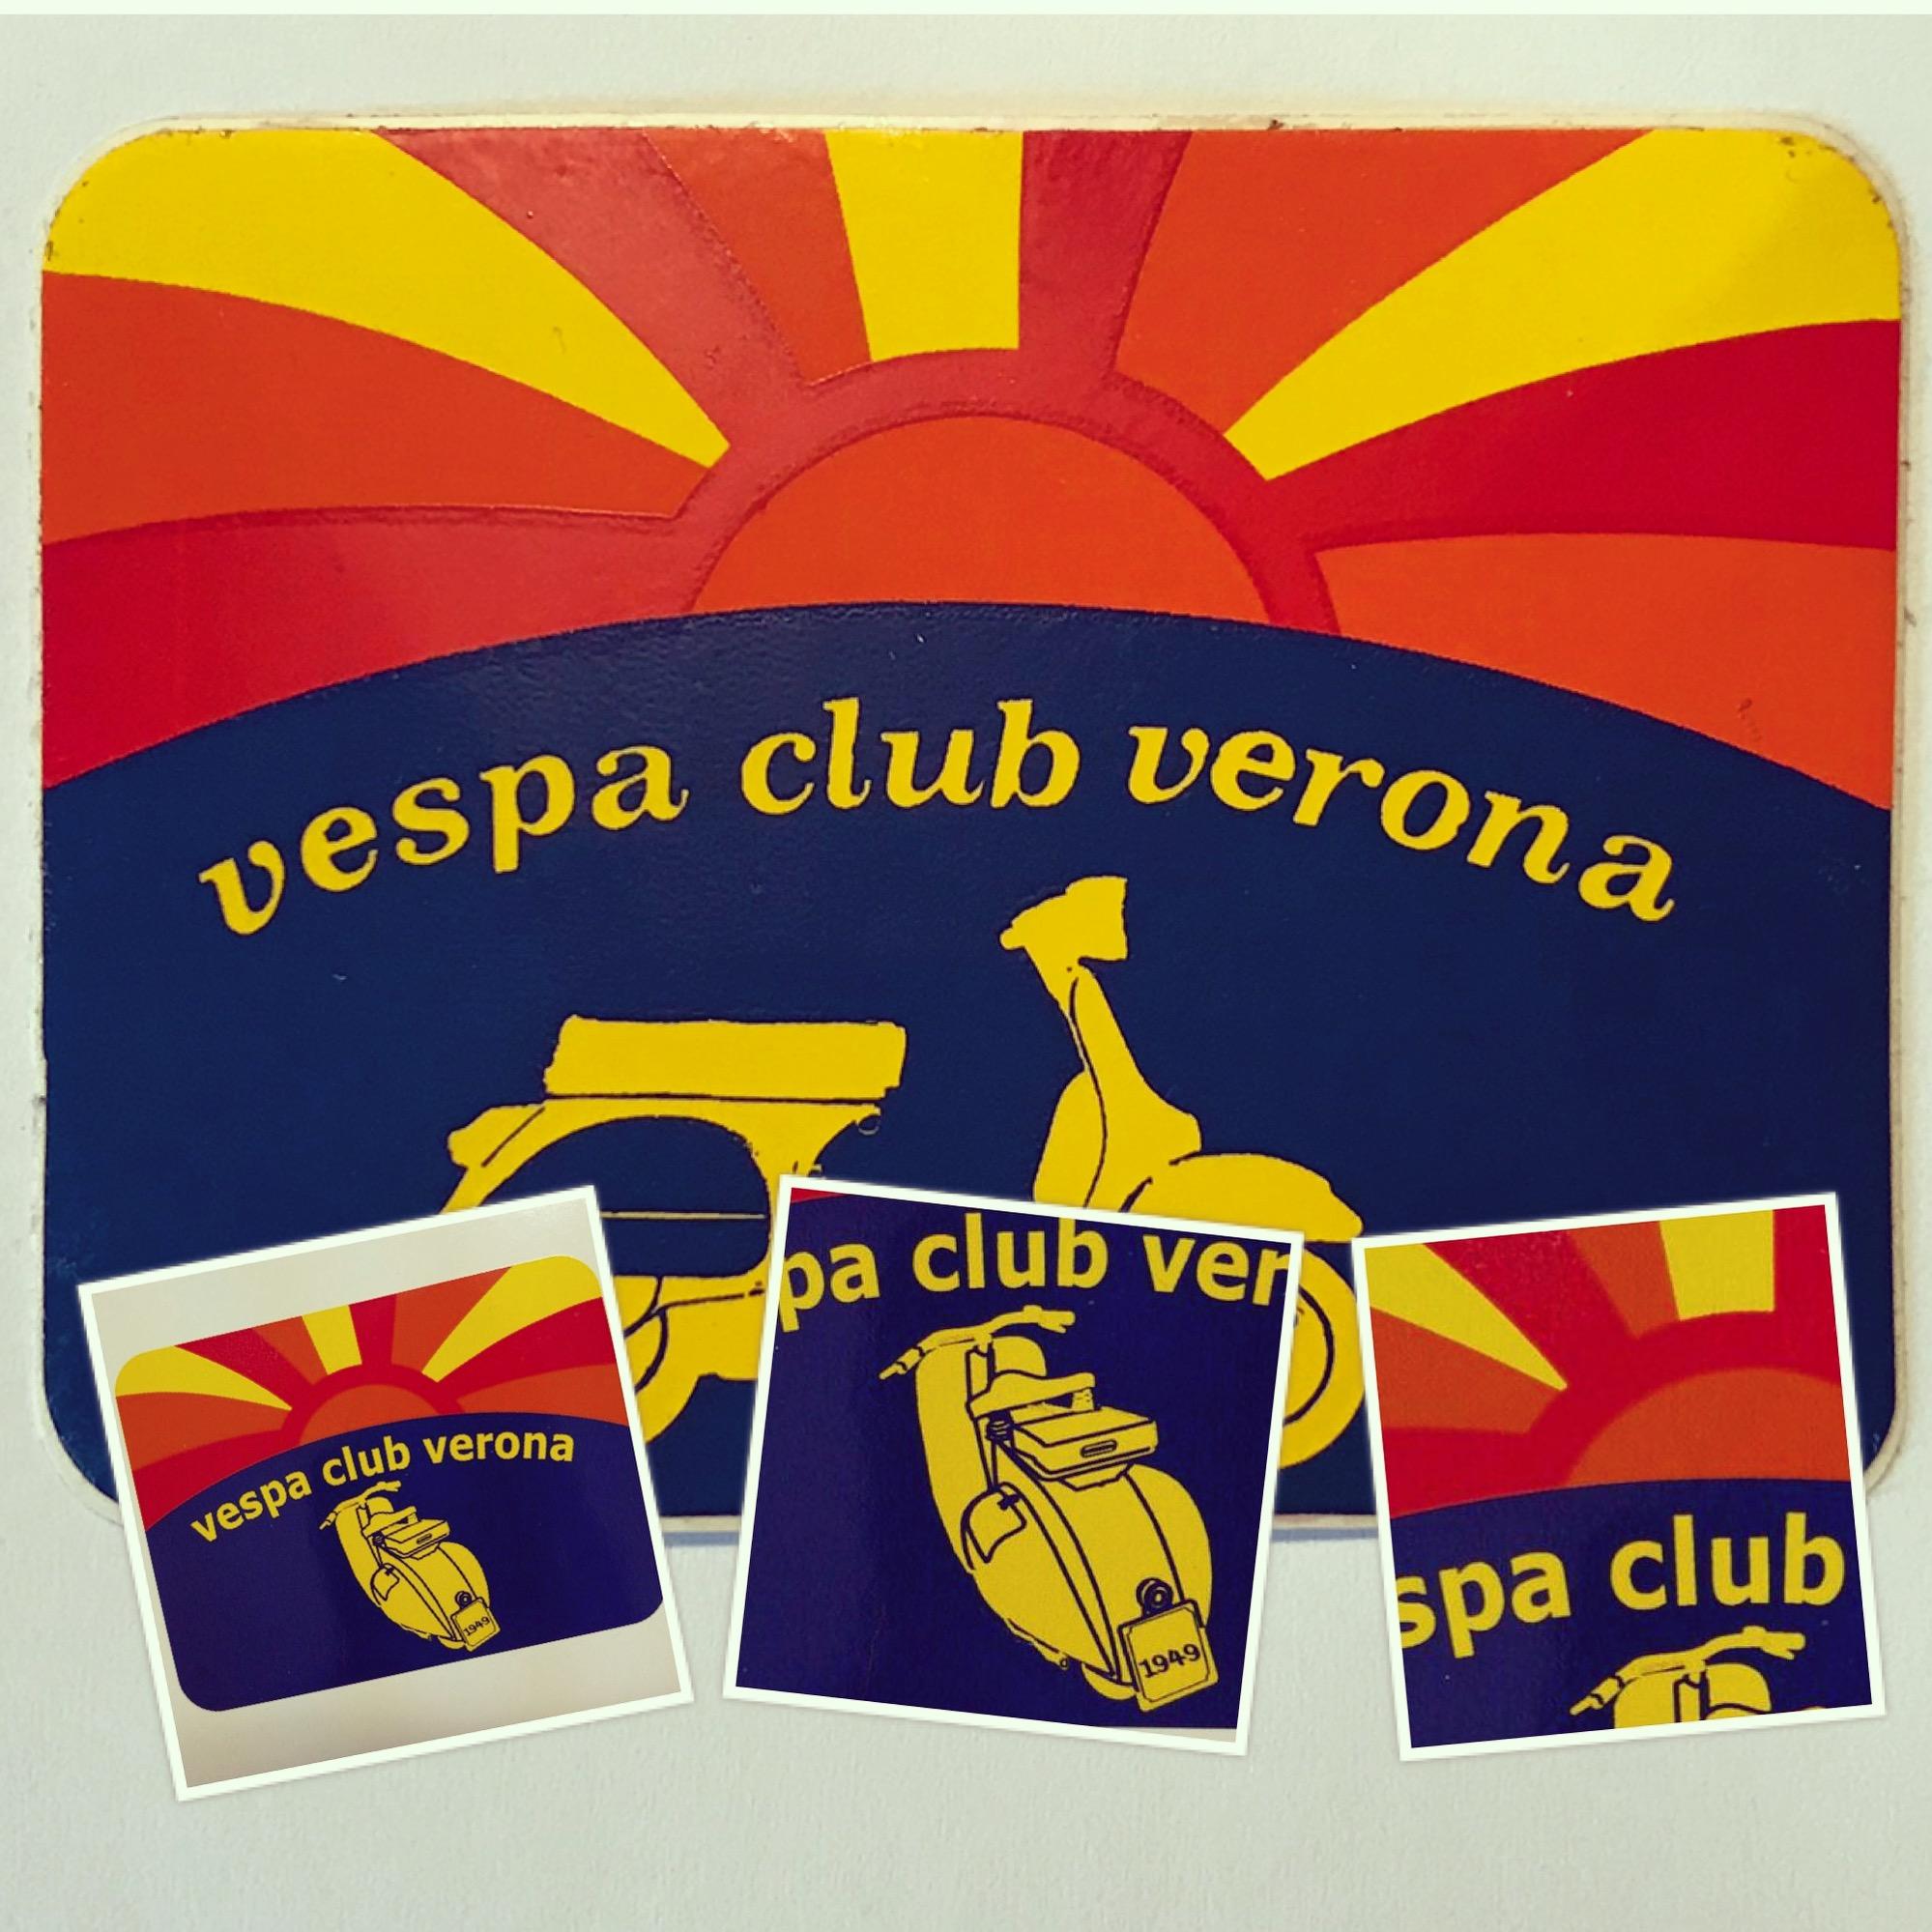 L'adesivo del Verona - Vespa Club Verona